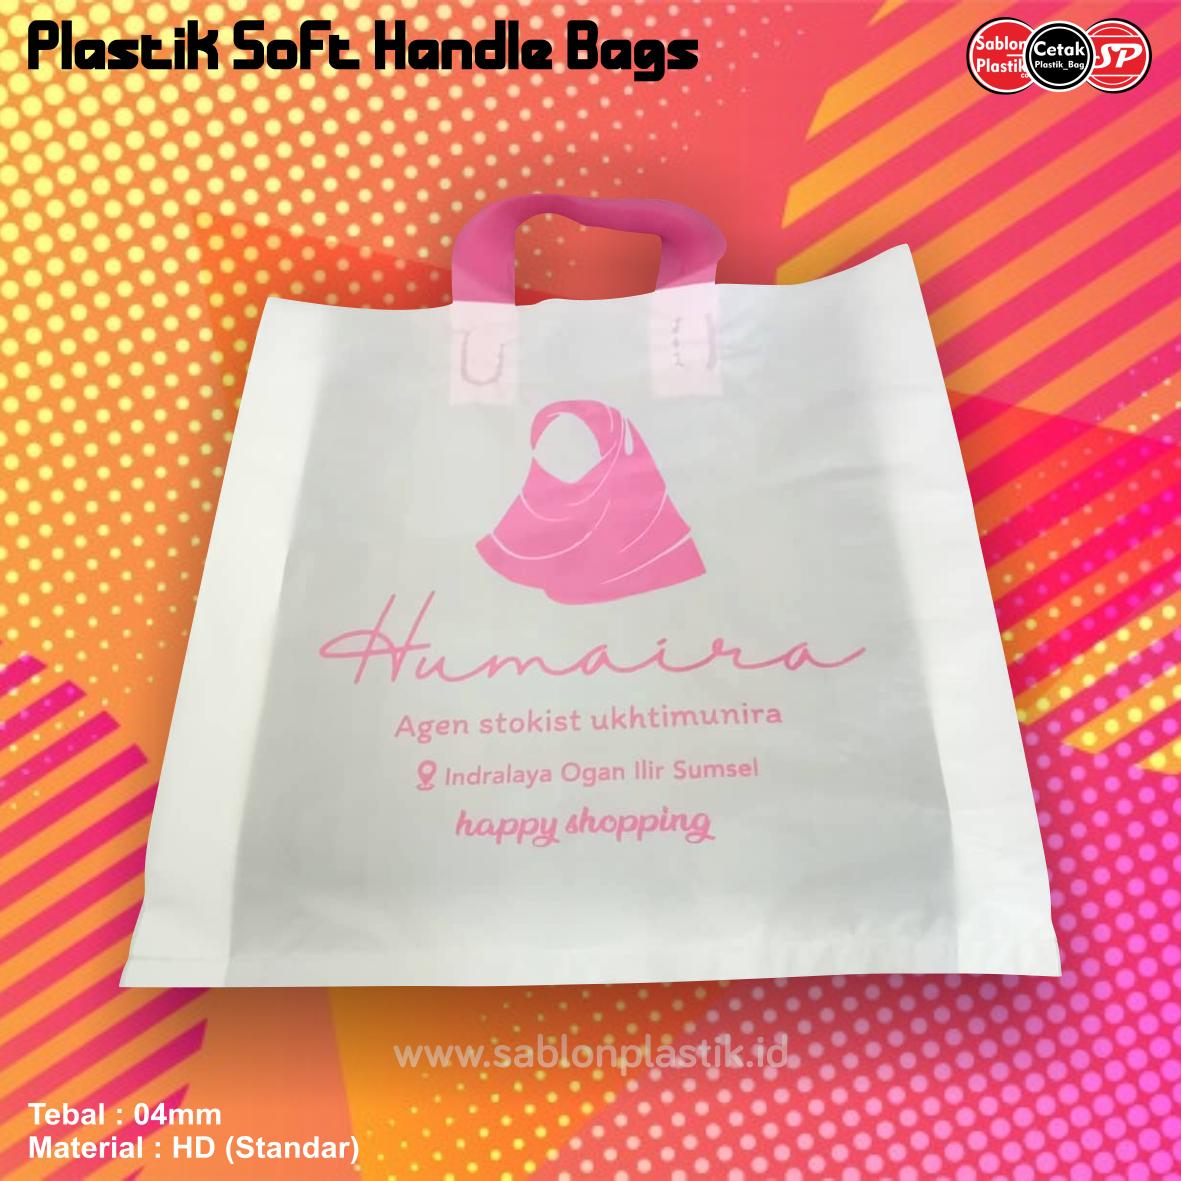 Plastik Soft Handle Bags Ini Cocok Buat Kamu Yg Jualan Box Sepatu Boutique Kelebihan Lebih Besar Dangan Lipatan Di Samping Model Yg Plastik Cocok Sepatu